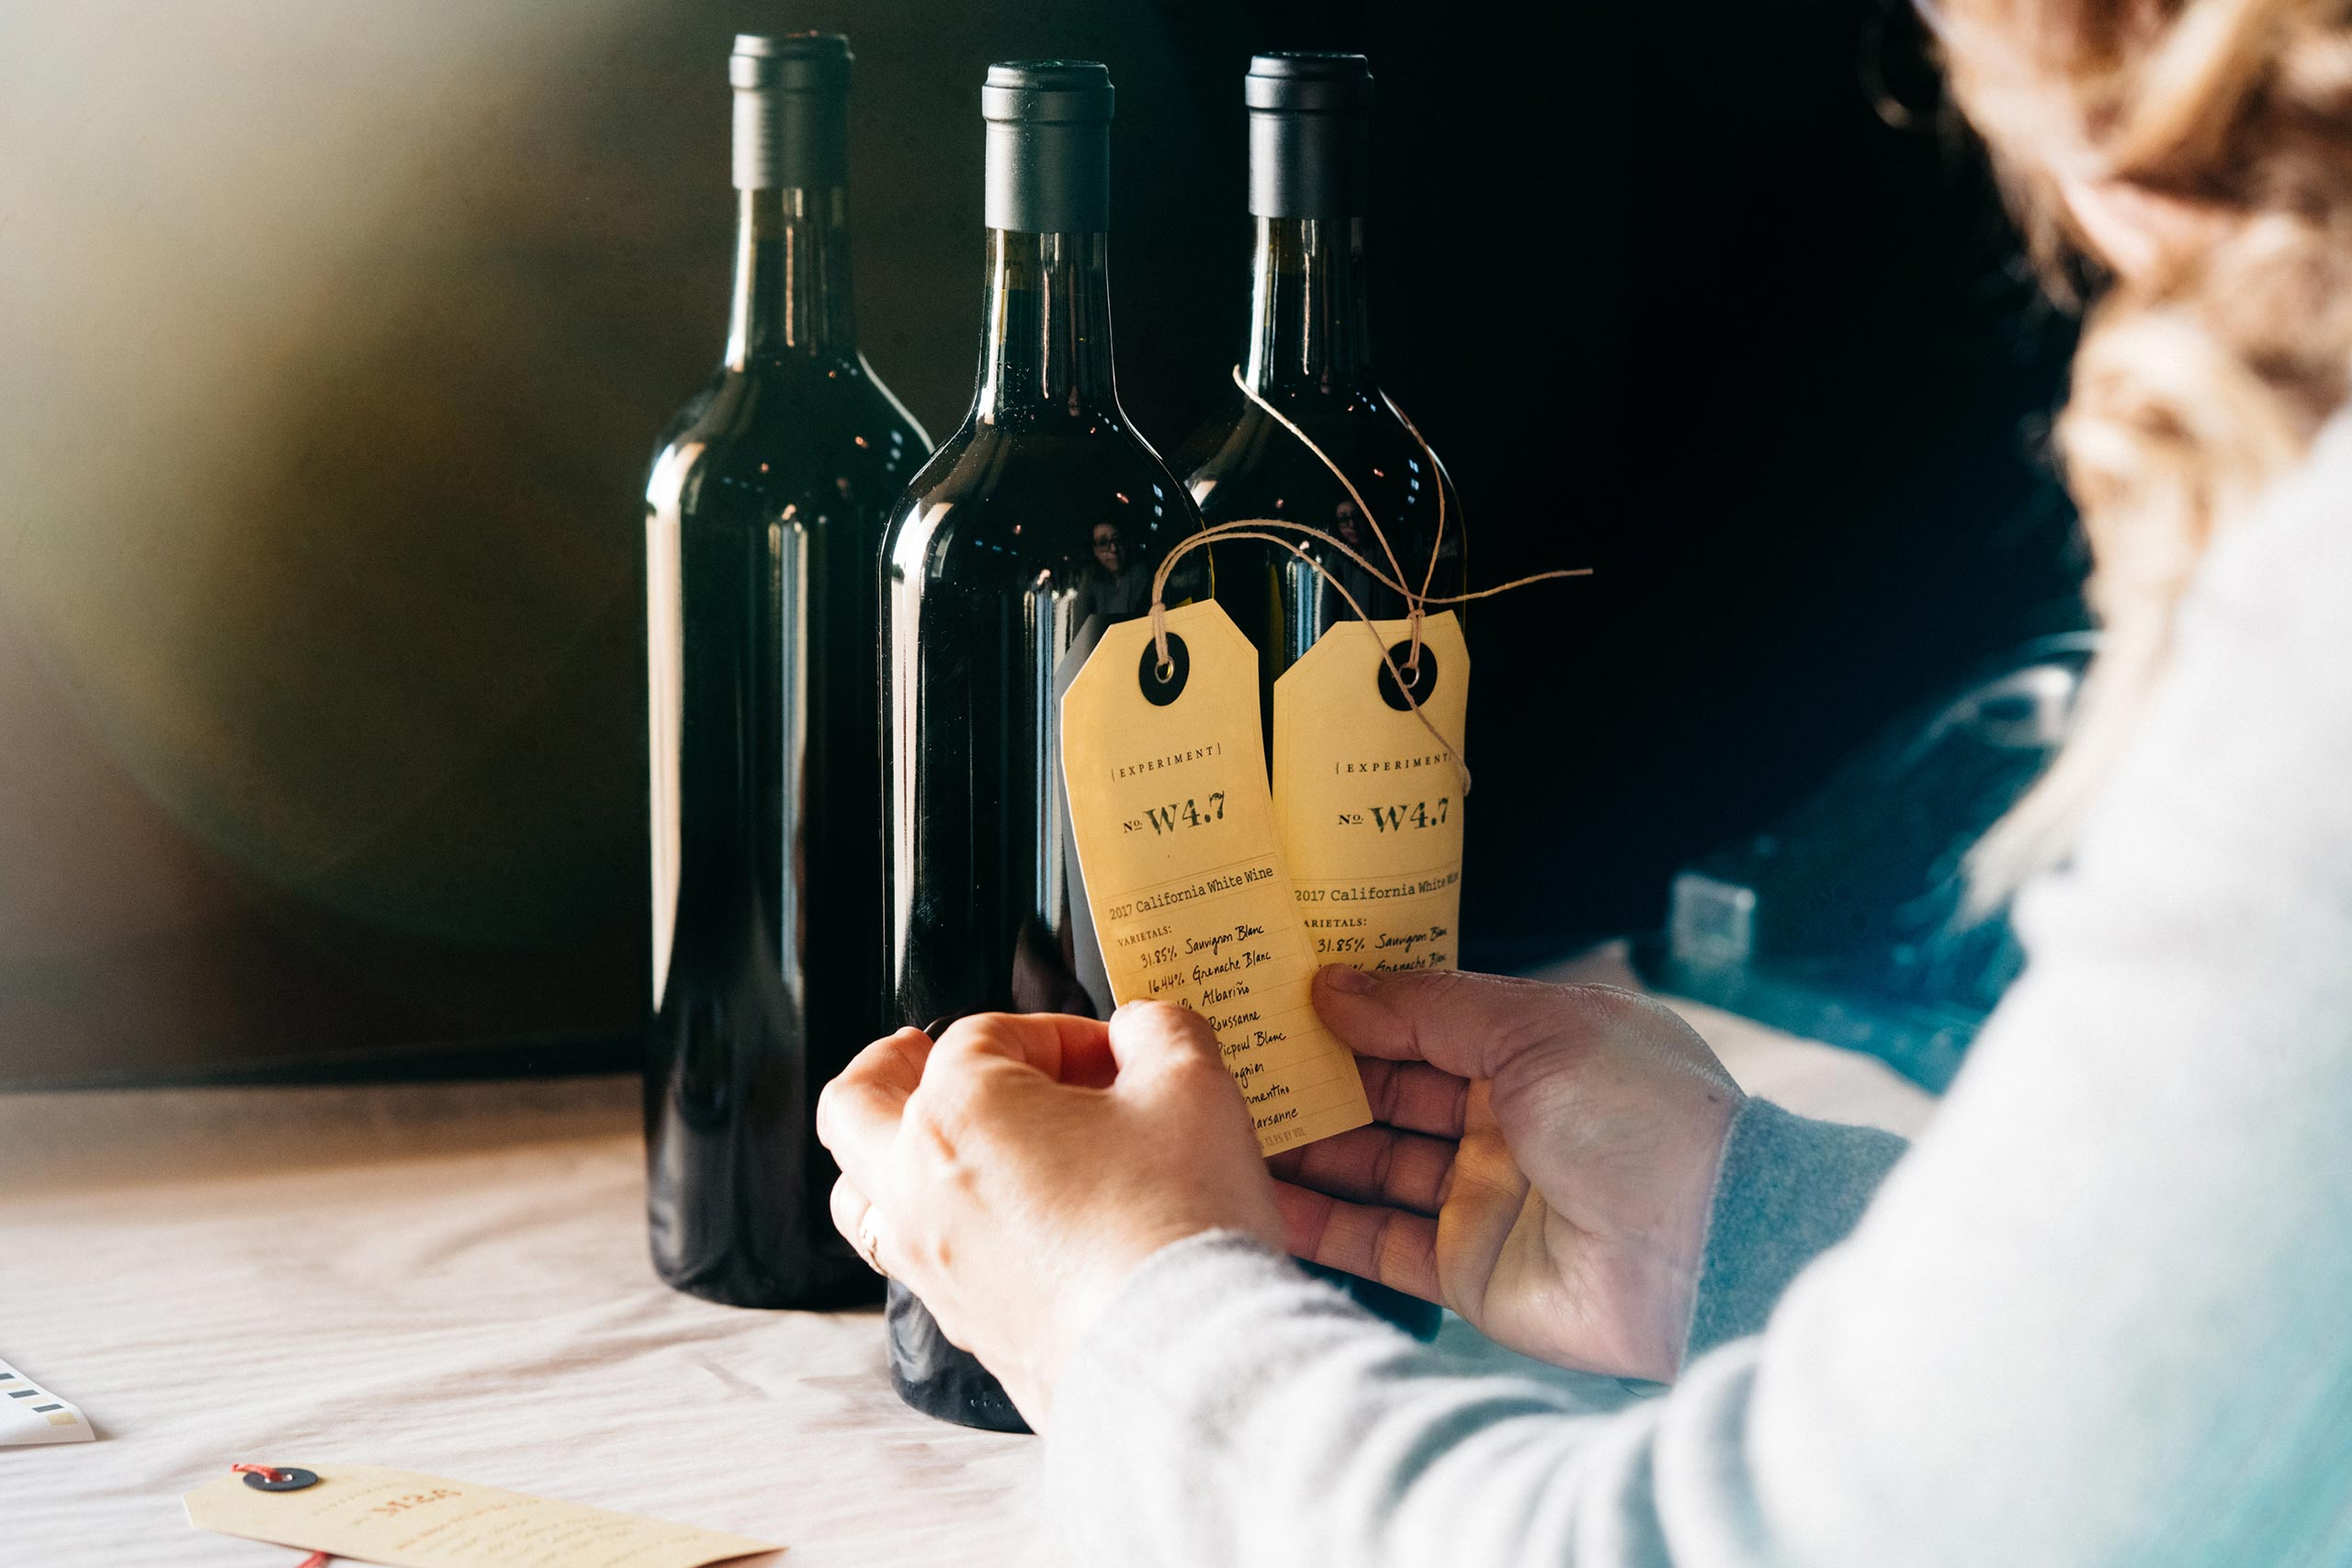 Labeling Epxeriment wines